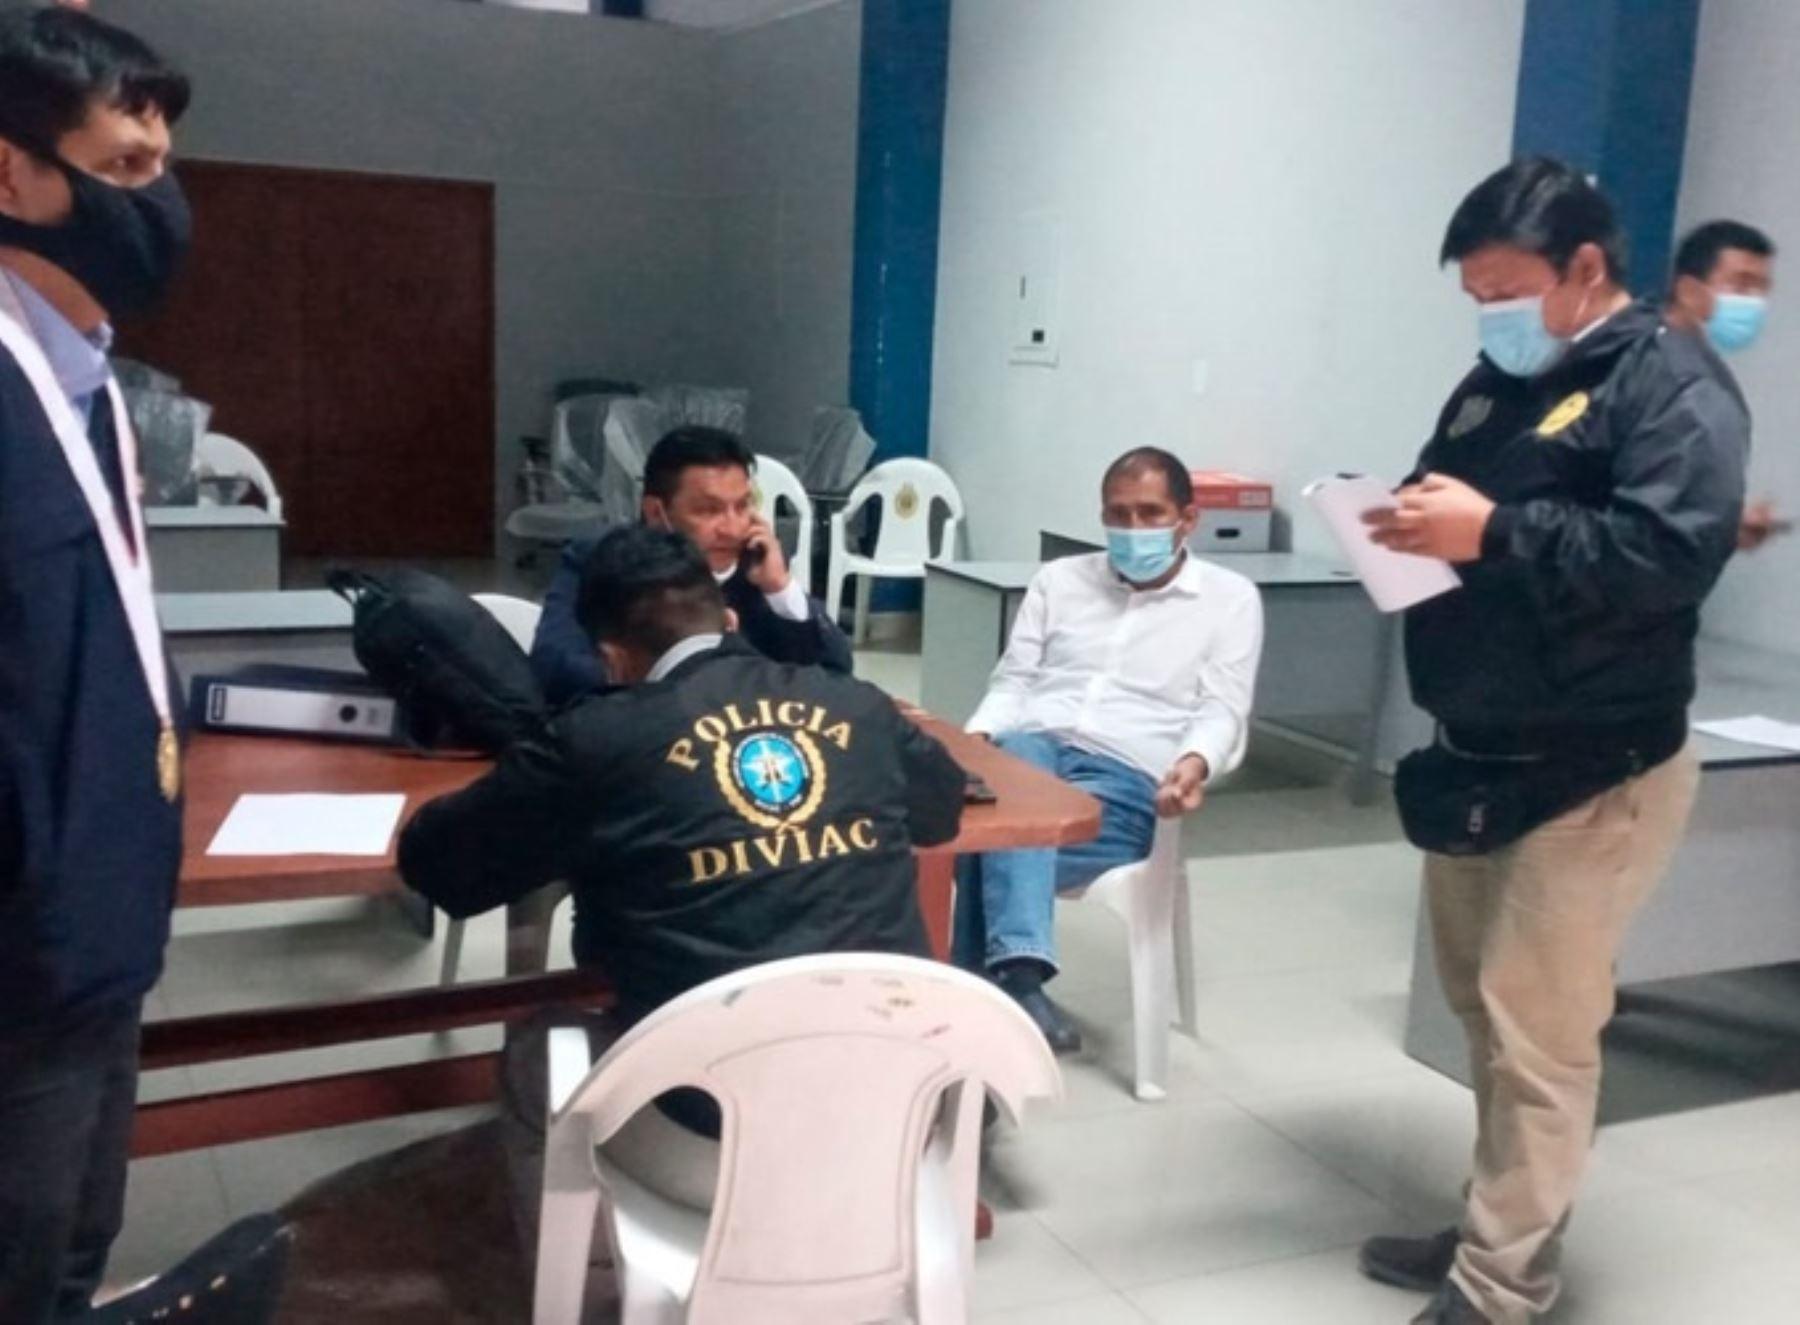 Por orden del Poder Judicial esta mañana fue detenido el gobernador regional de Áncash, Juan Carlos Morillo, implicado en caso de corrupción. ANDINA/Difusión